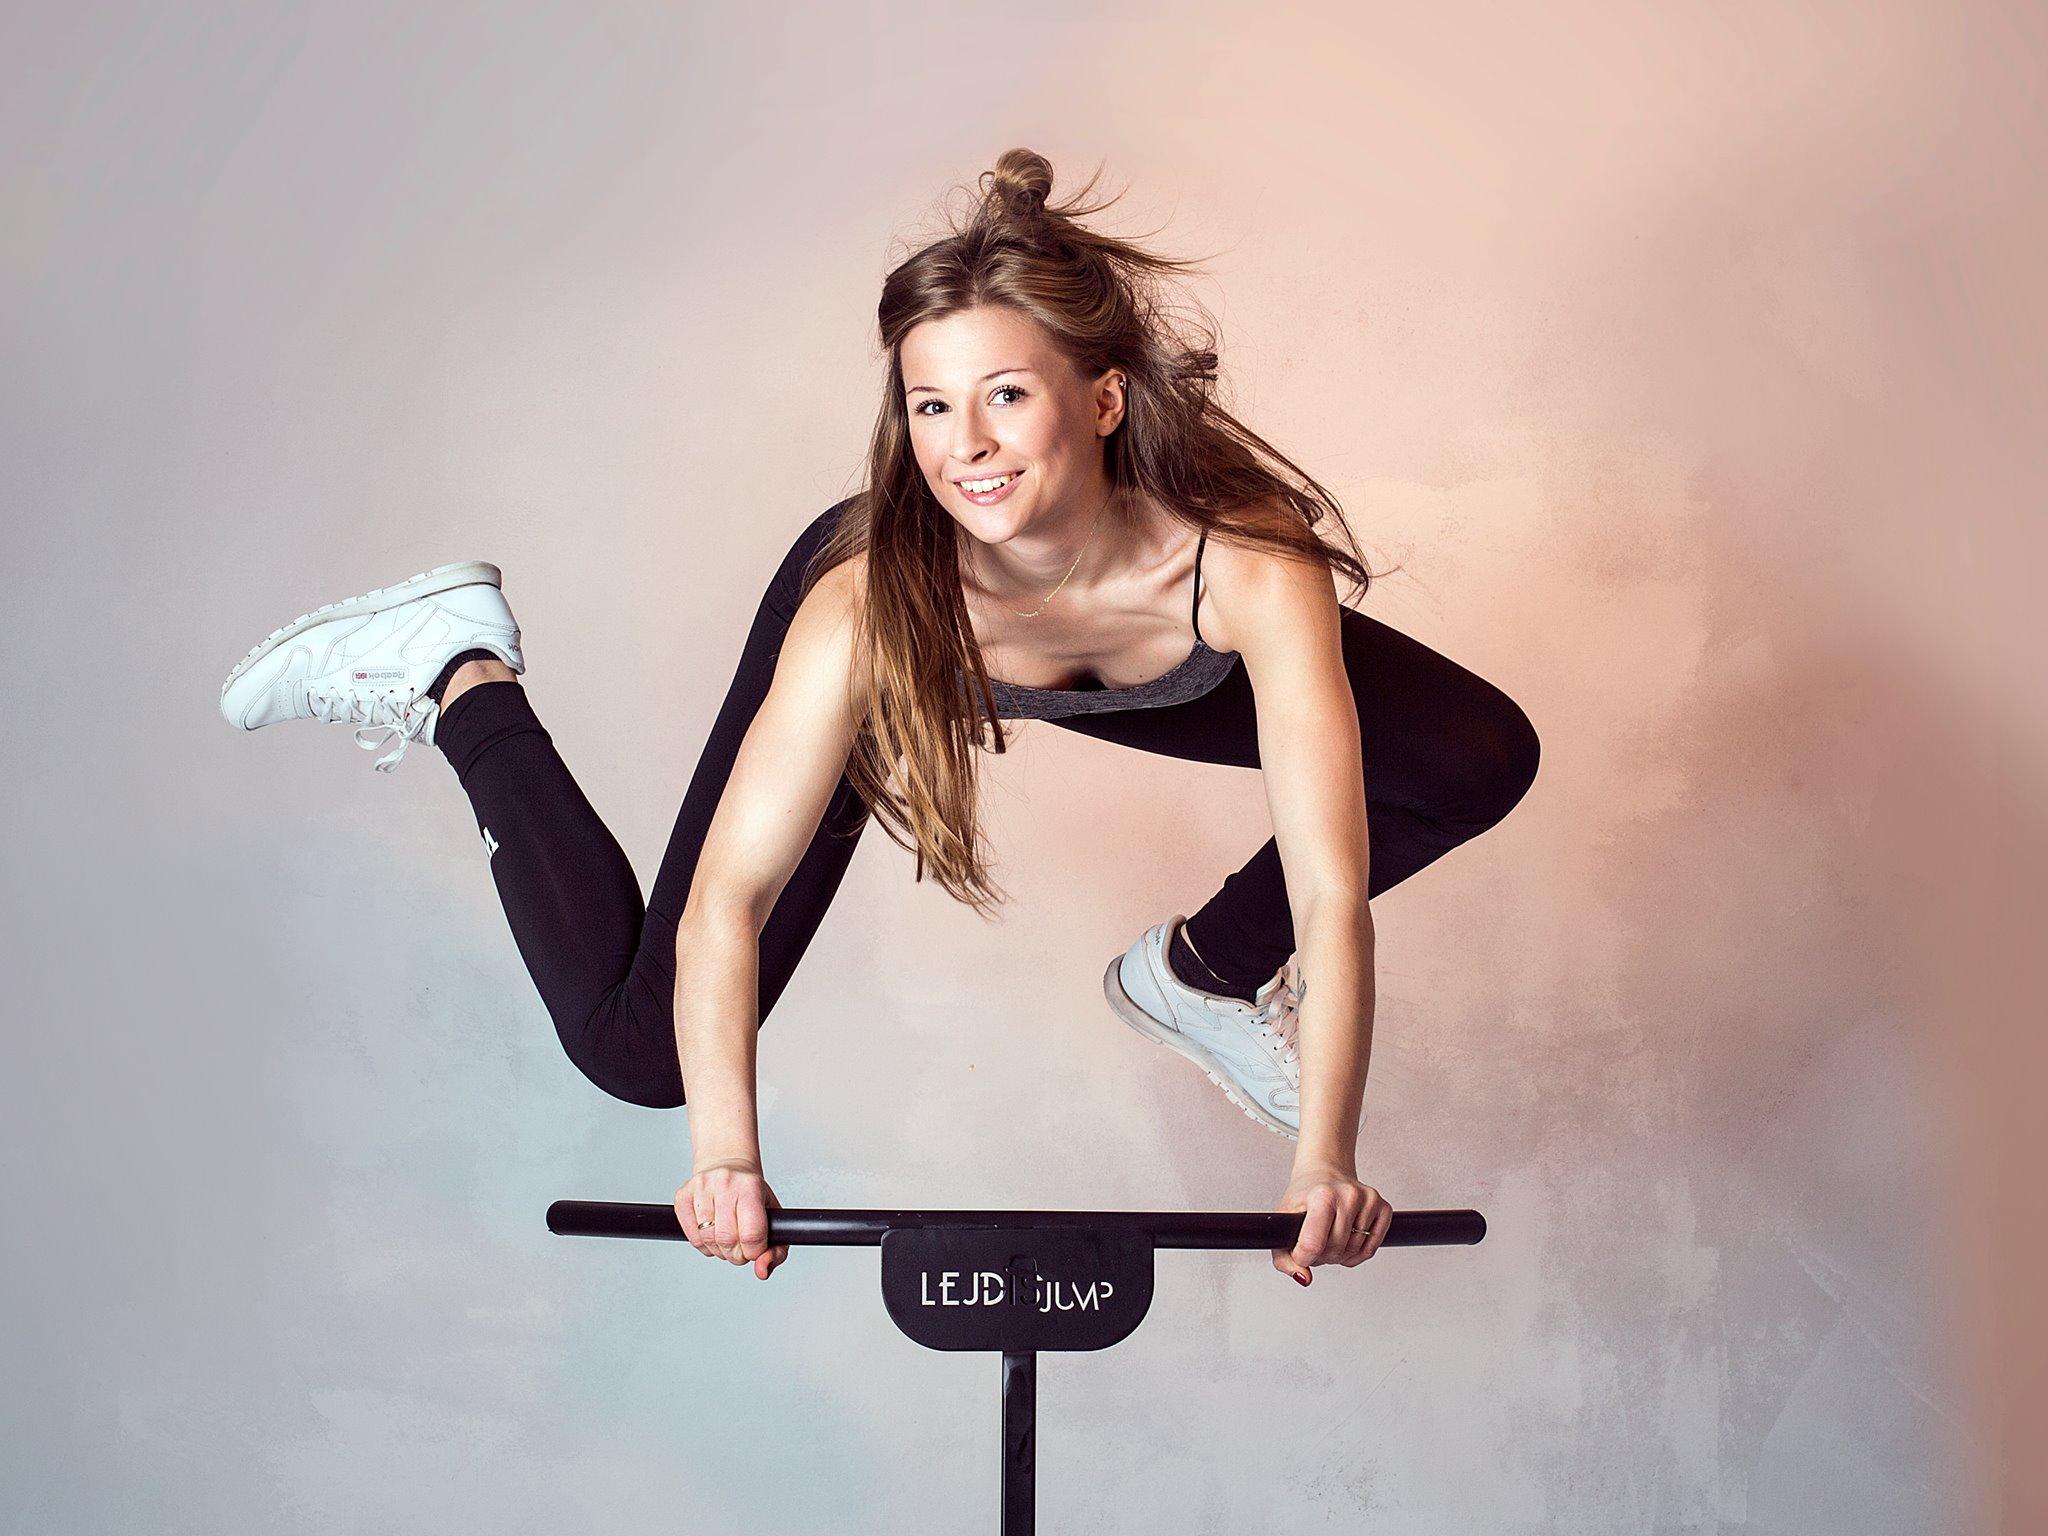 Power Jump, czyli fitness 100% mocy według Angeliki Szydlak